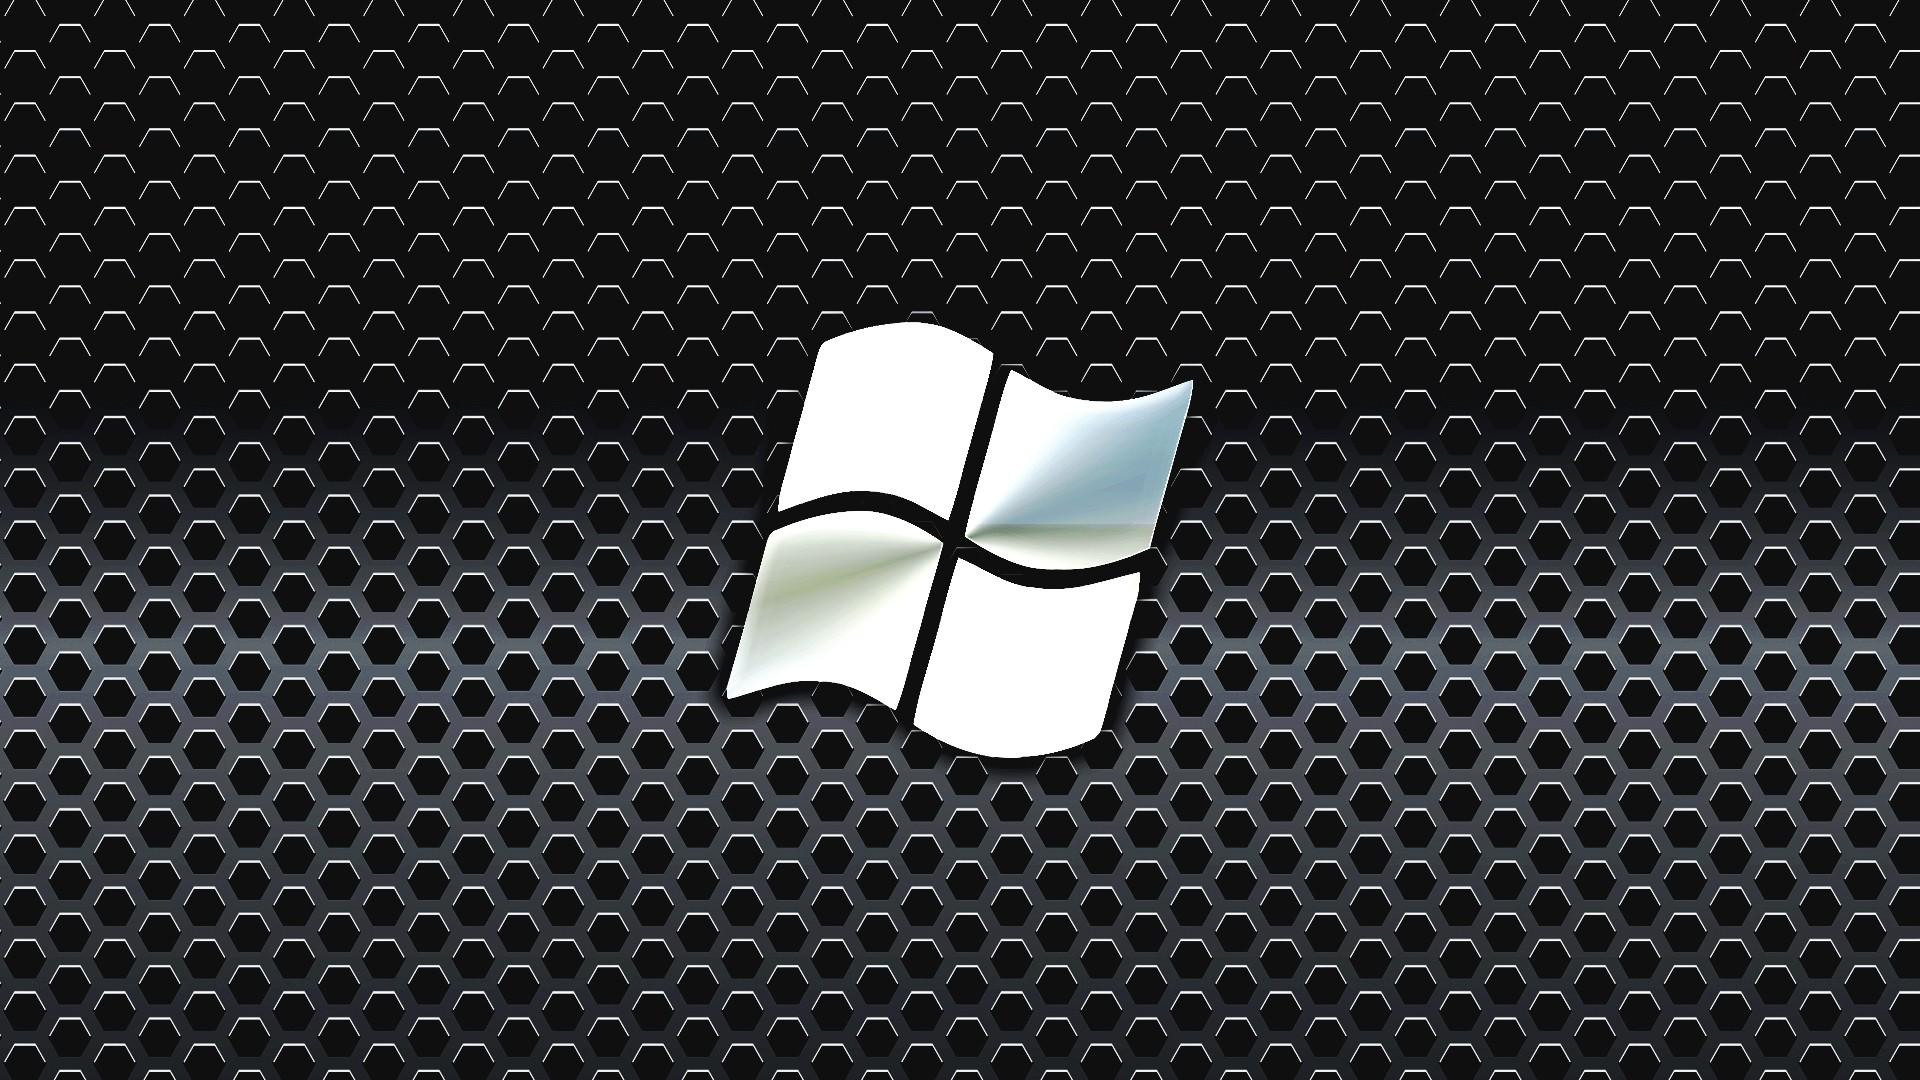 Microsoft a wallpaper